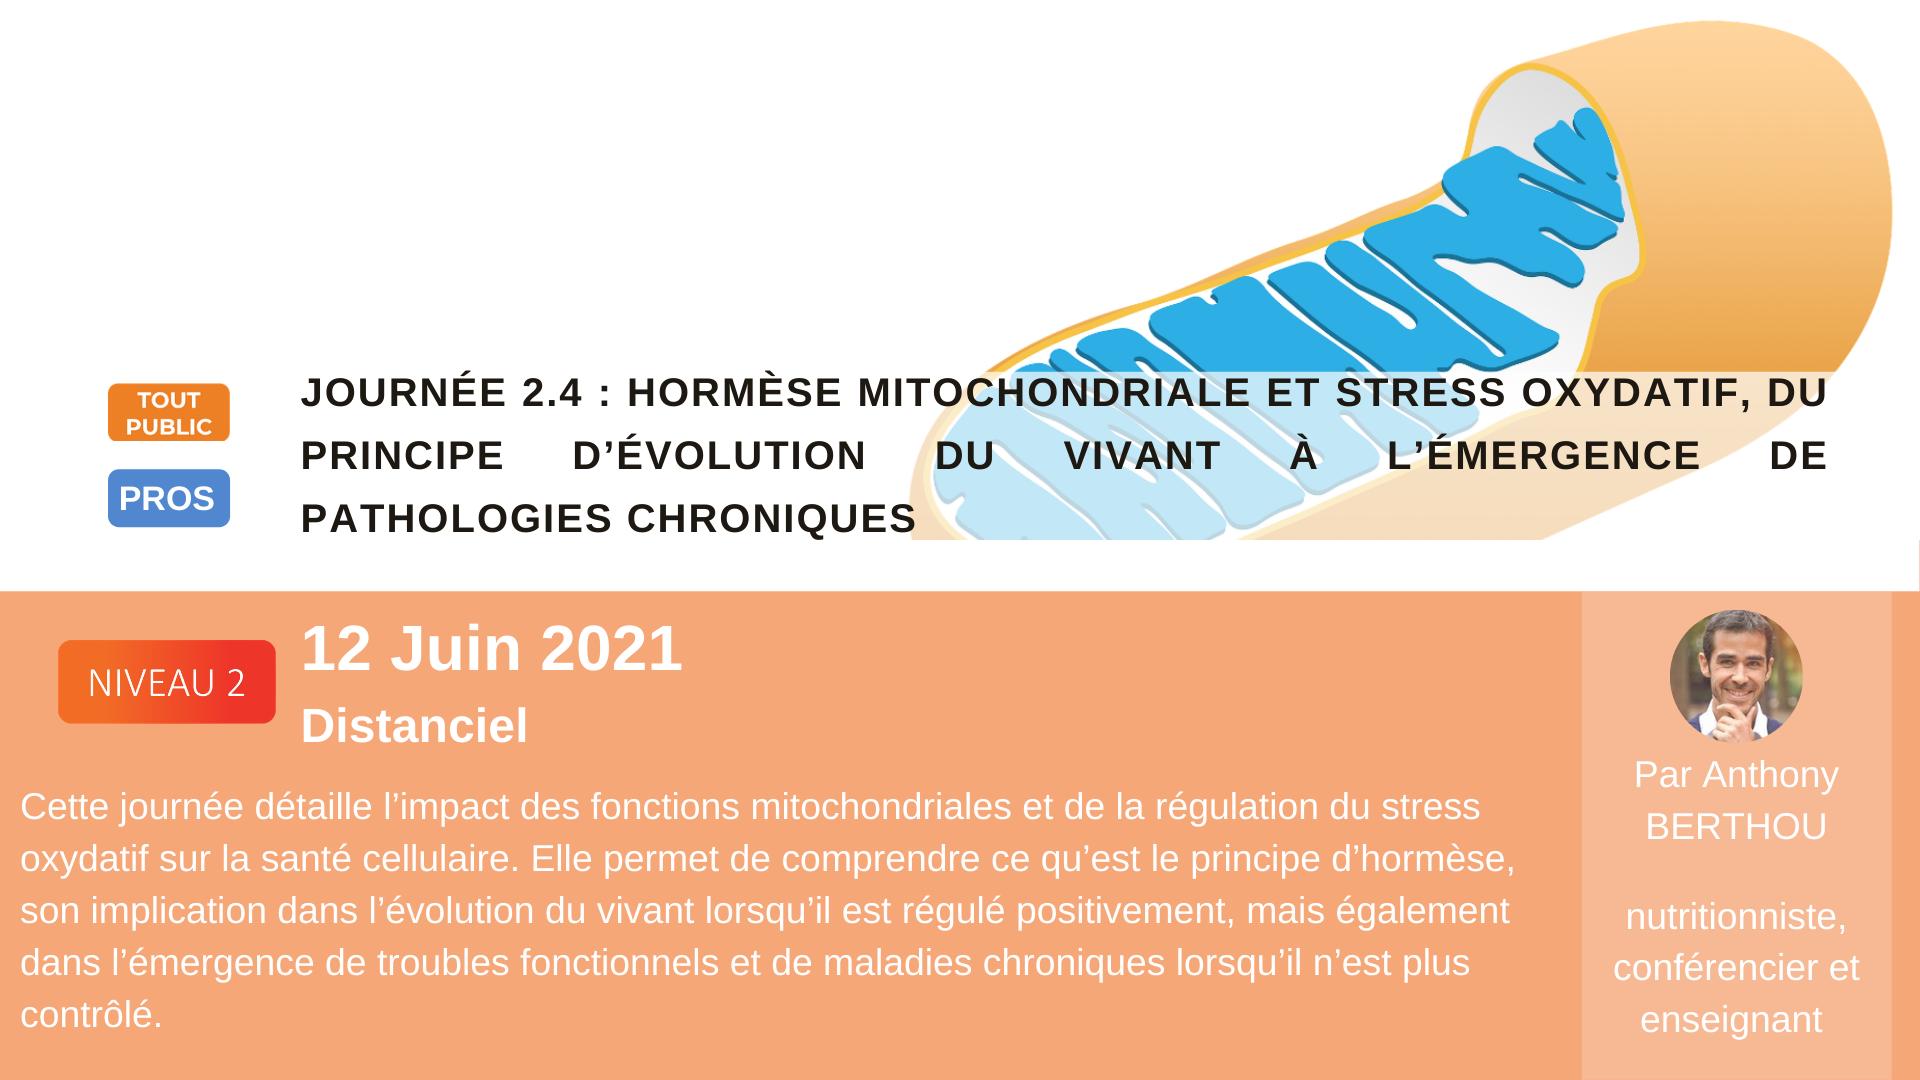 Hormèse Mitochondriale et stress oxydatif, principe évolution vivant à émergence pathologies chroniques